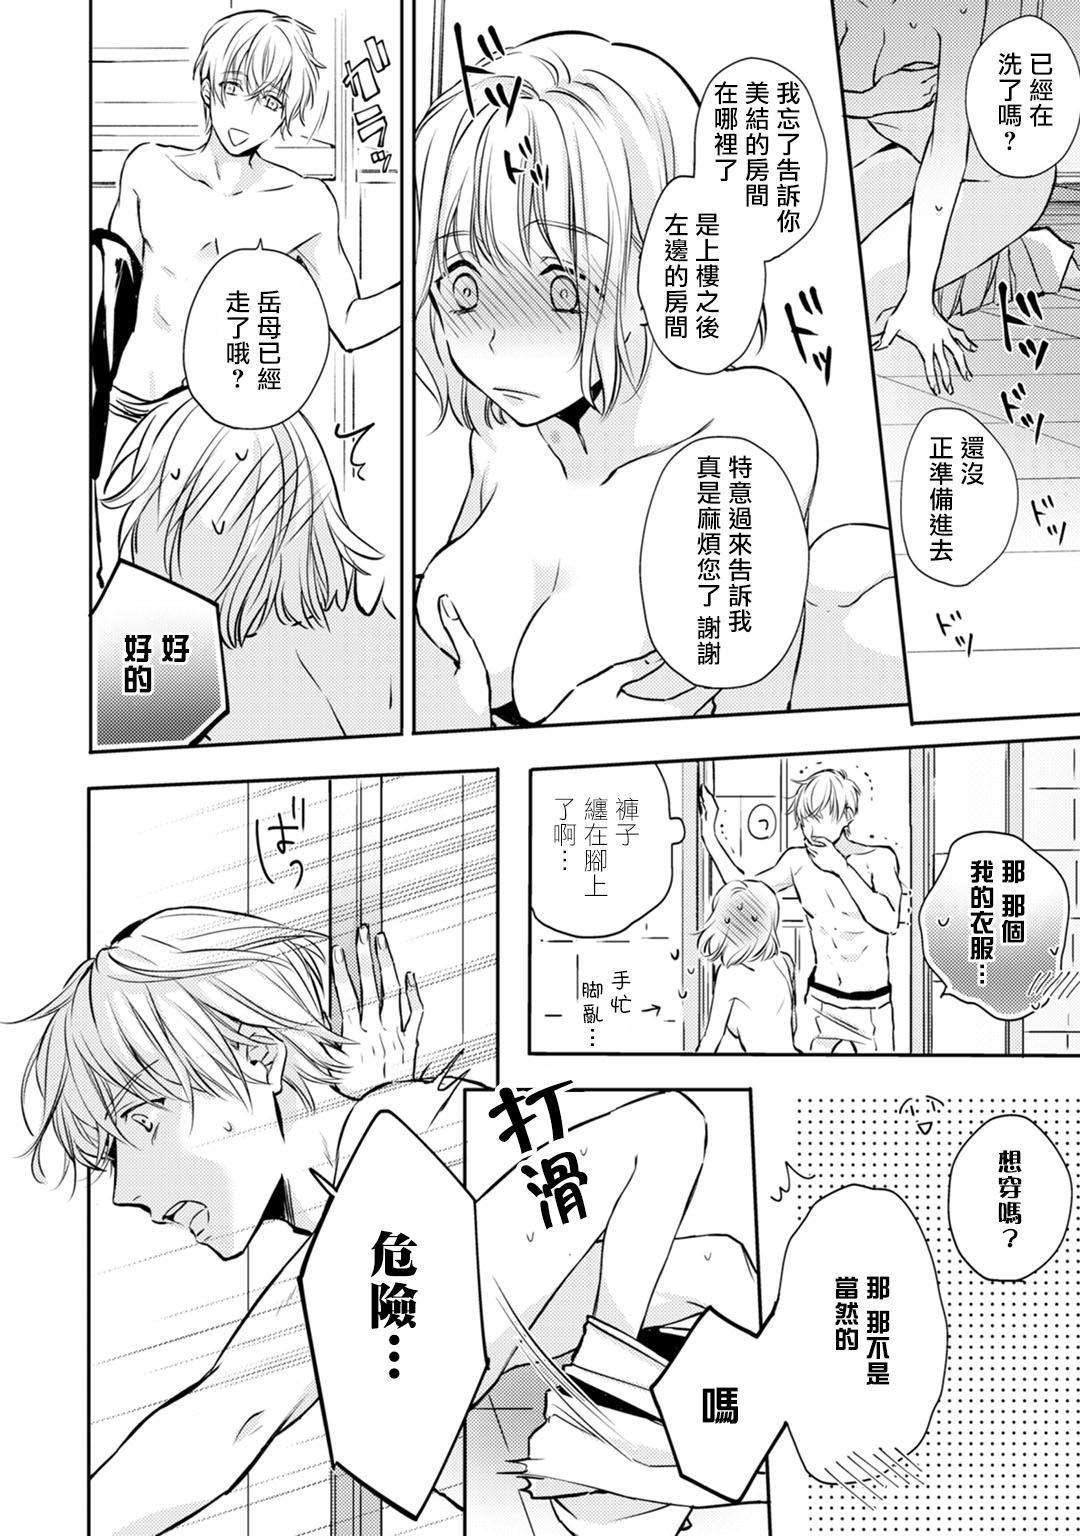 [Shichigatsu Motomi]  Sonna Kao shite, Sasotteru? ~Dekiai Shachou to Migawari Omiaikekkon!?~ 1-7 | 這種表情,在誘惑我嗎?~溺愛社長和替身相親結婚!? act.1 [Chinese] [拾荒者汉化组] 46